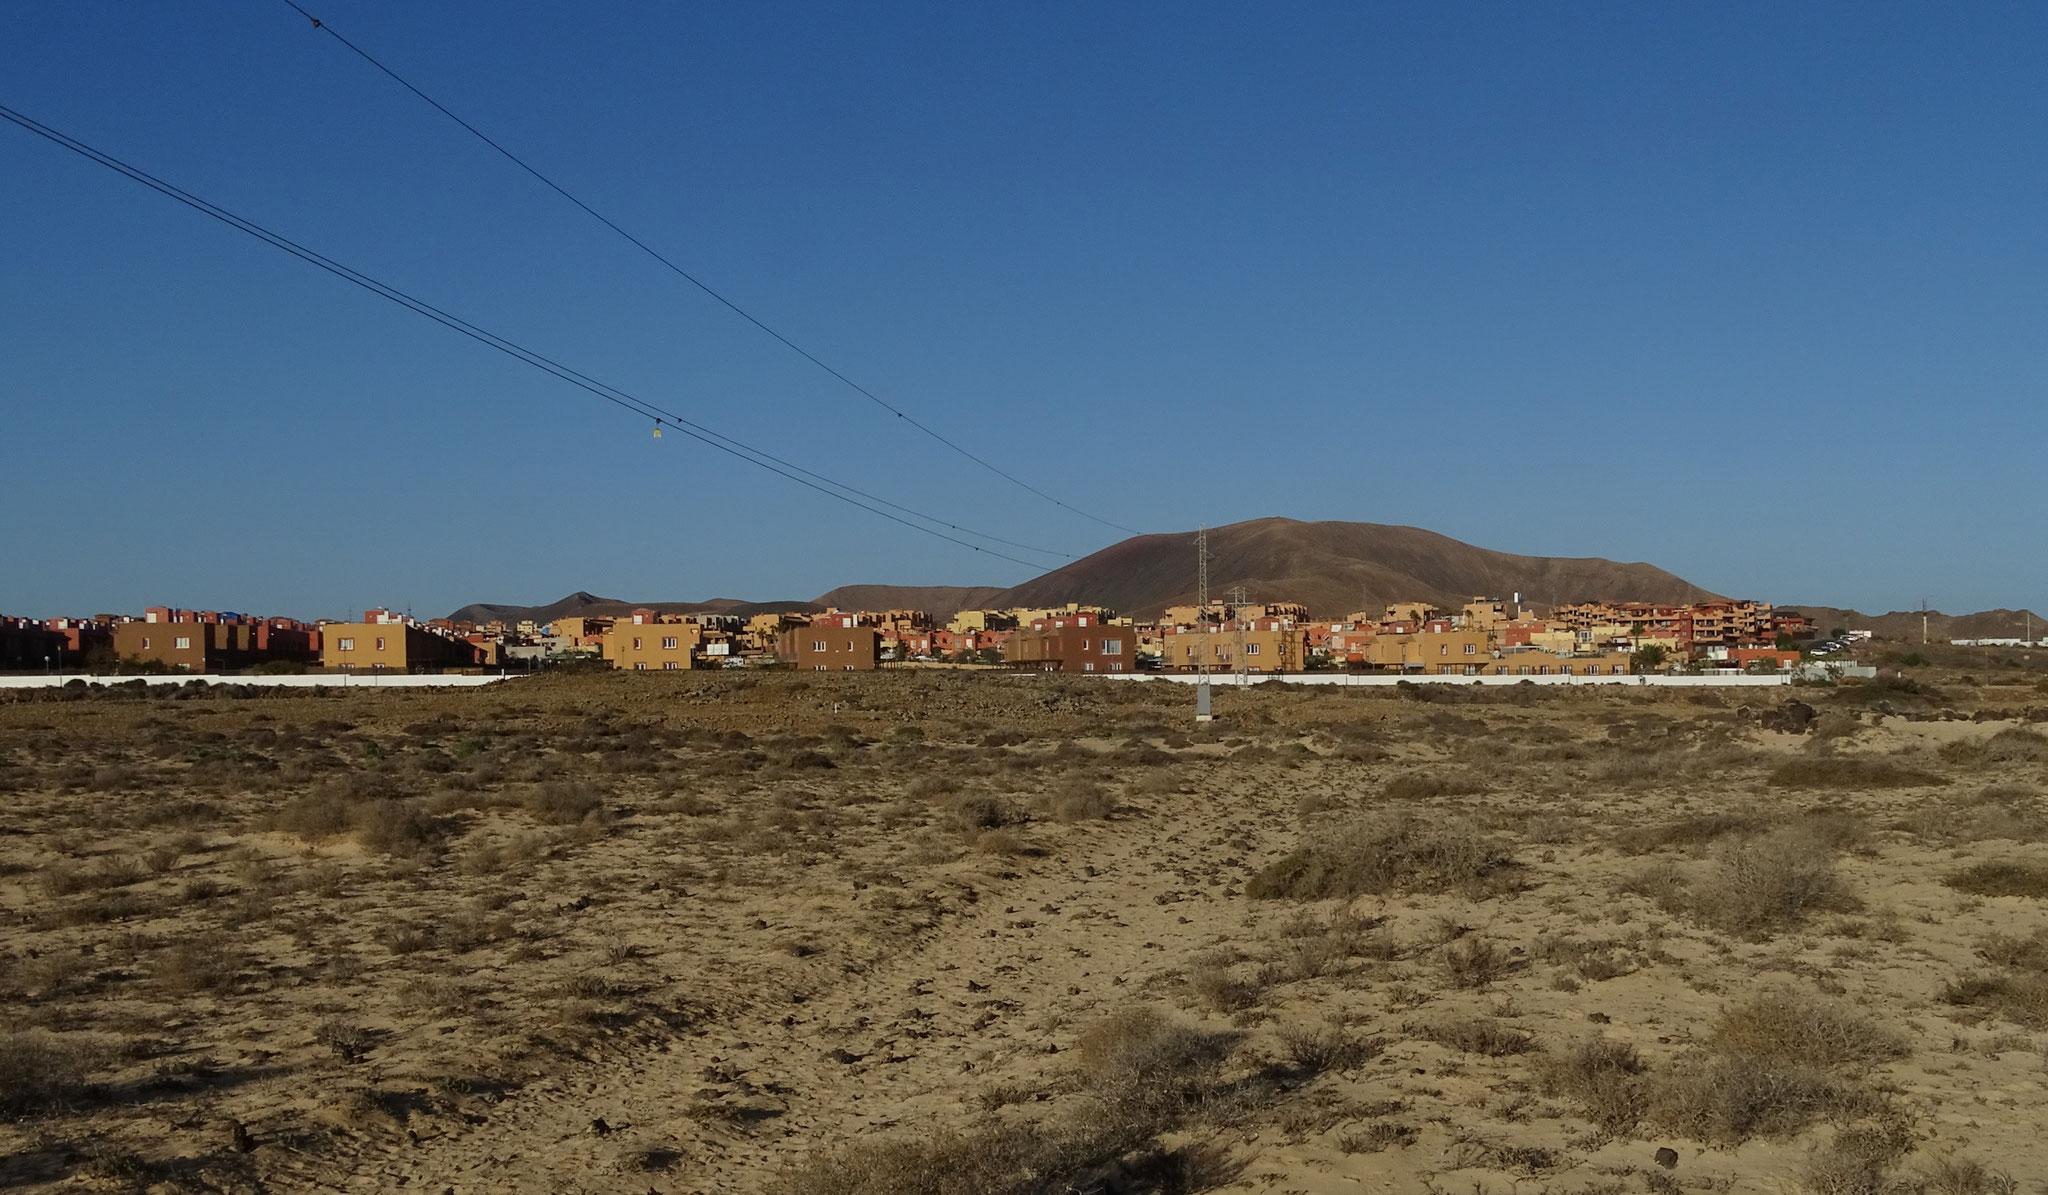 Wir logieren dieses Mal im Norden der Insel in einem Ferienhaus in Mirador de las Dunas südlich von Corralejo